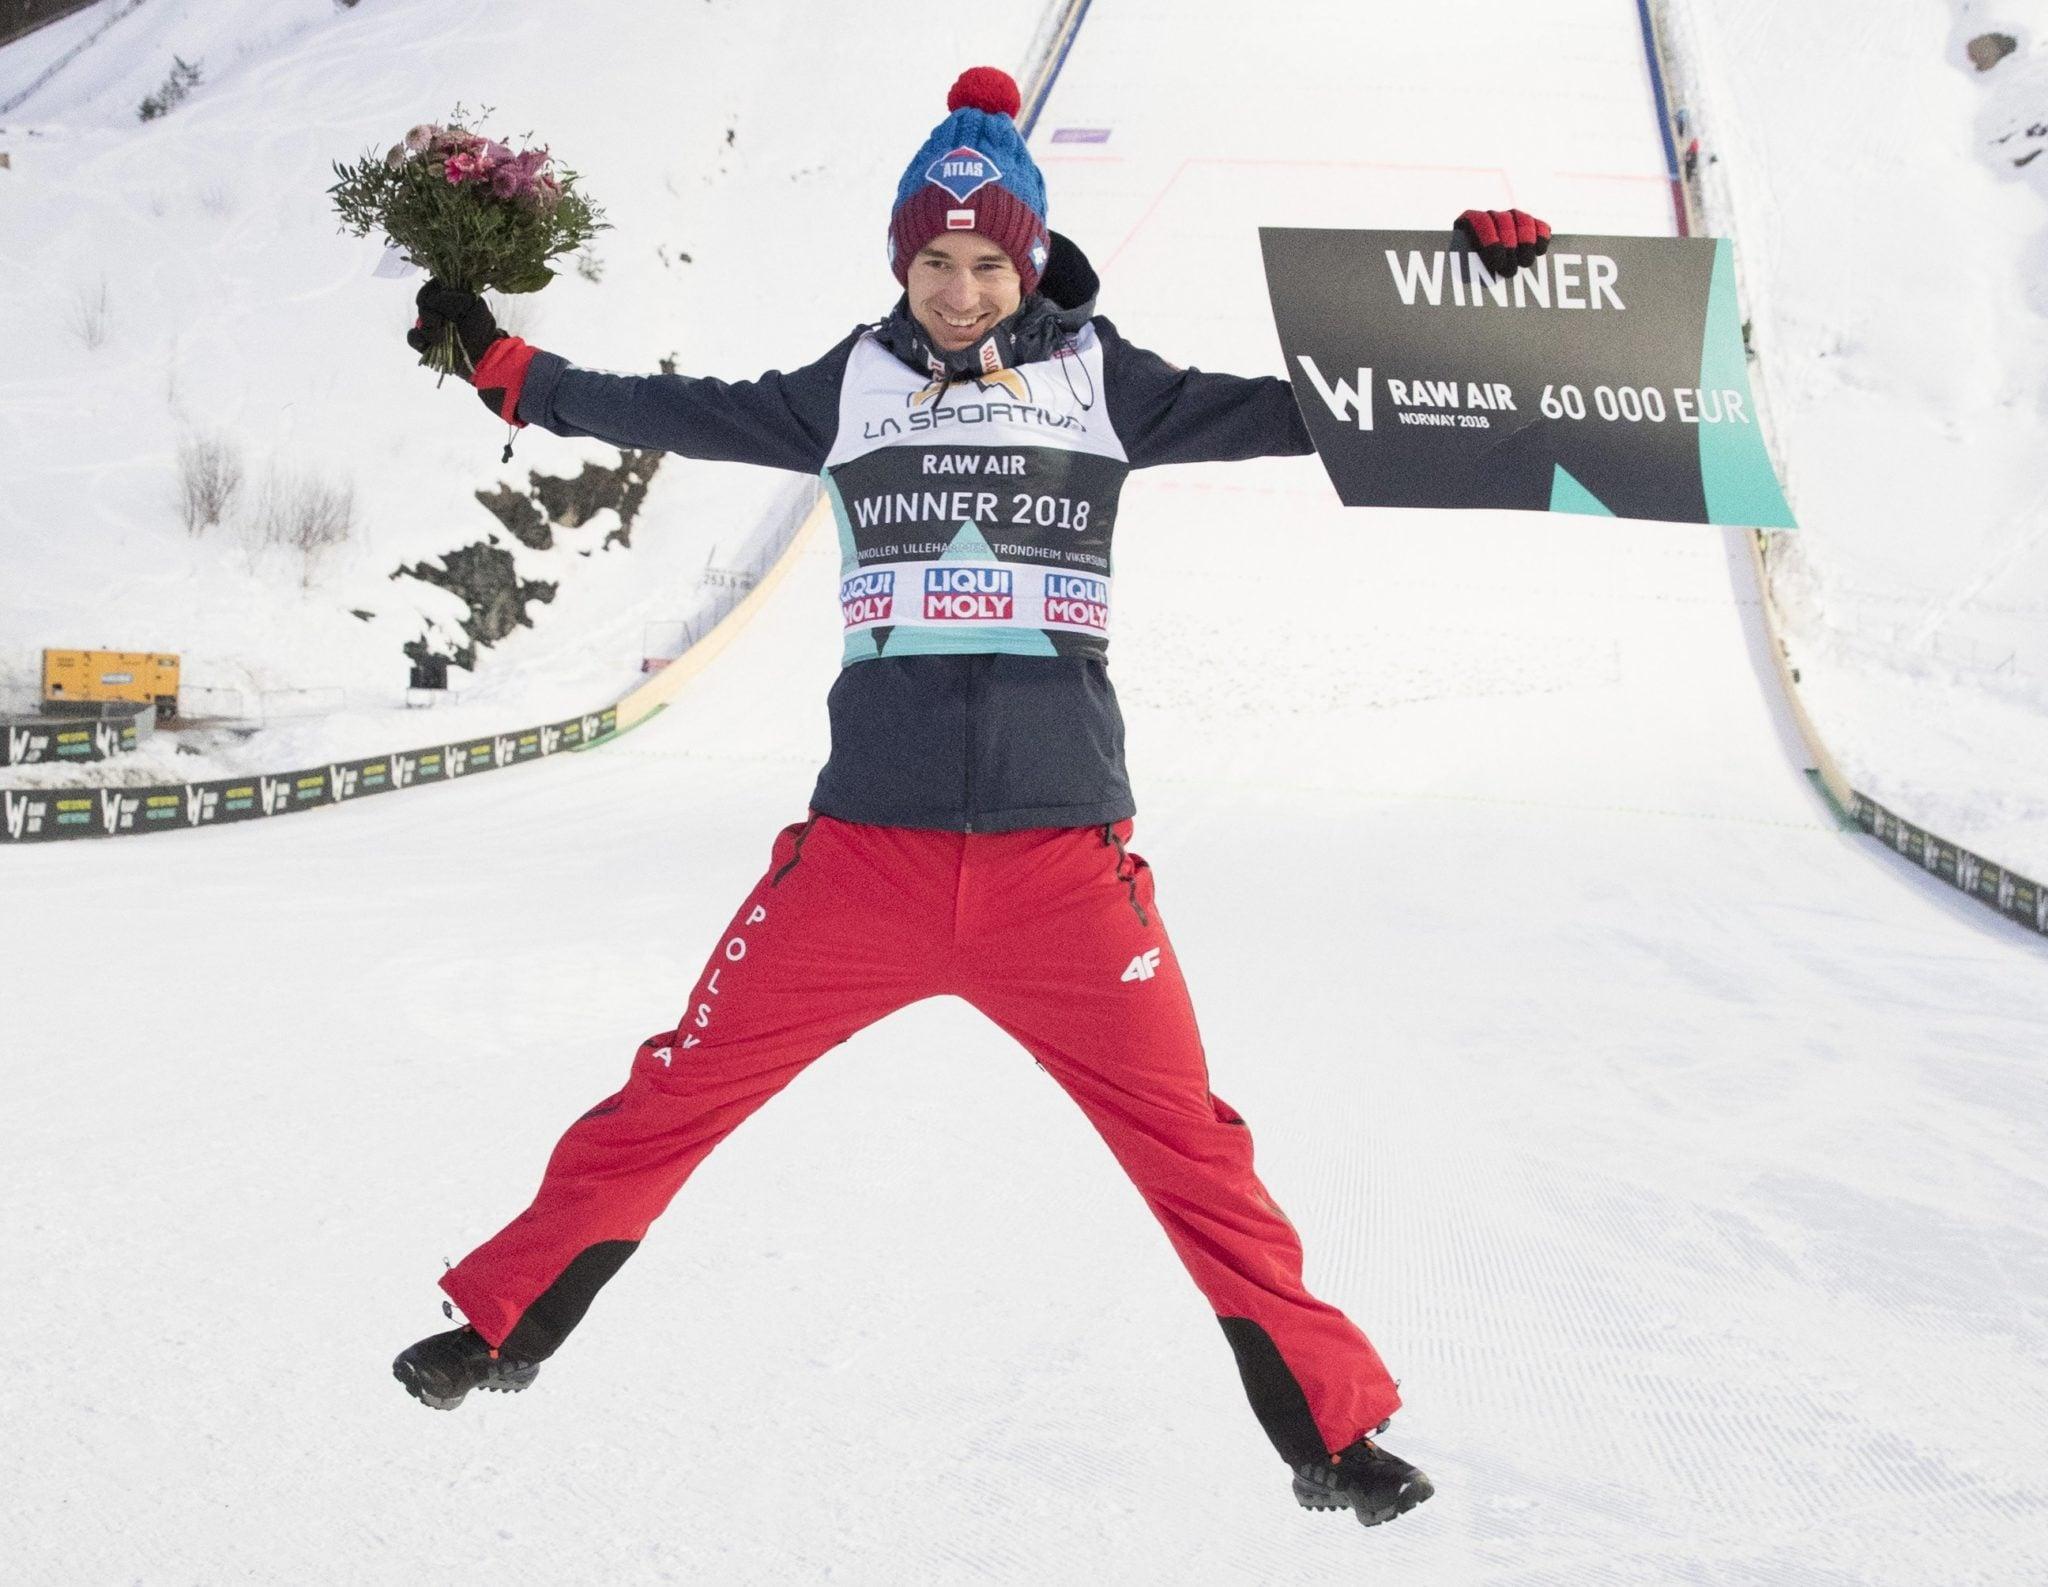 Kamil Stoch wygrywa konkurs FIS World Cup Raw Air i jednocześnie przesądza o zdobyciu Kryształowej Kuli w Pucharze Świata, drugi raz w swojej karierze, fot: Terje Bendiksby, PAP/EPA